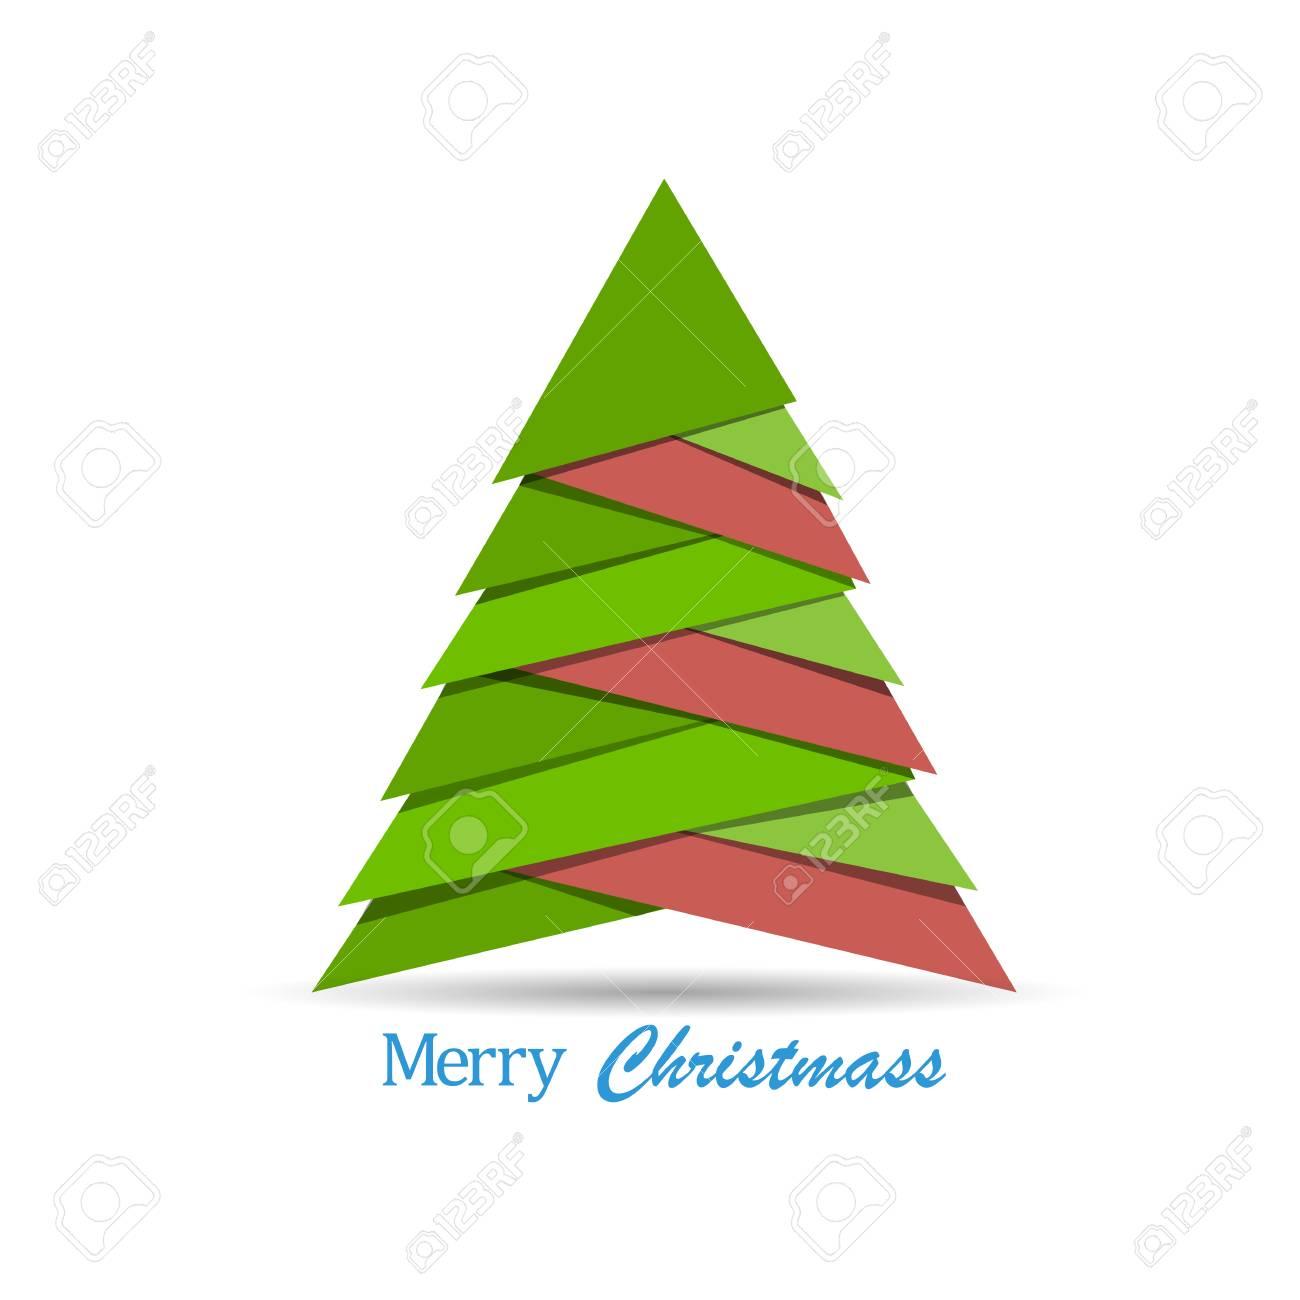 Alberi Di Natale Di Carta.Albero Di Natale Creativo Fatto Da Pezzi Di Carta Stile Origami Carta Di Capodanno